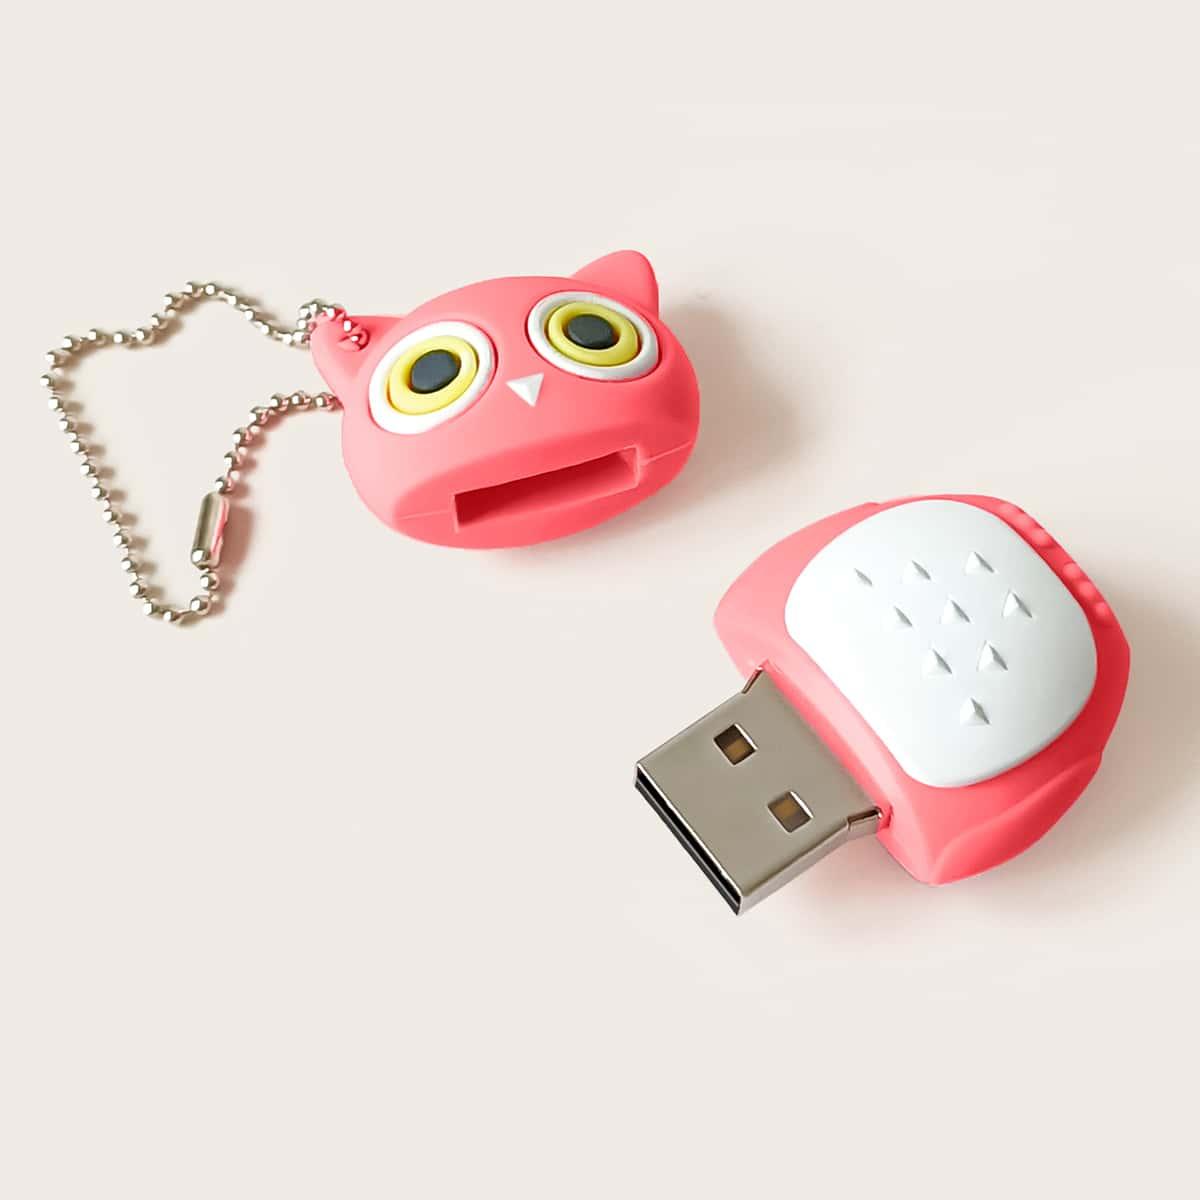 USB-флеш-накопитель в форме совы по цене 350